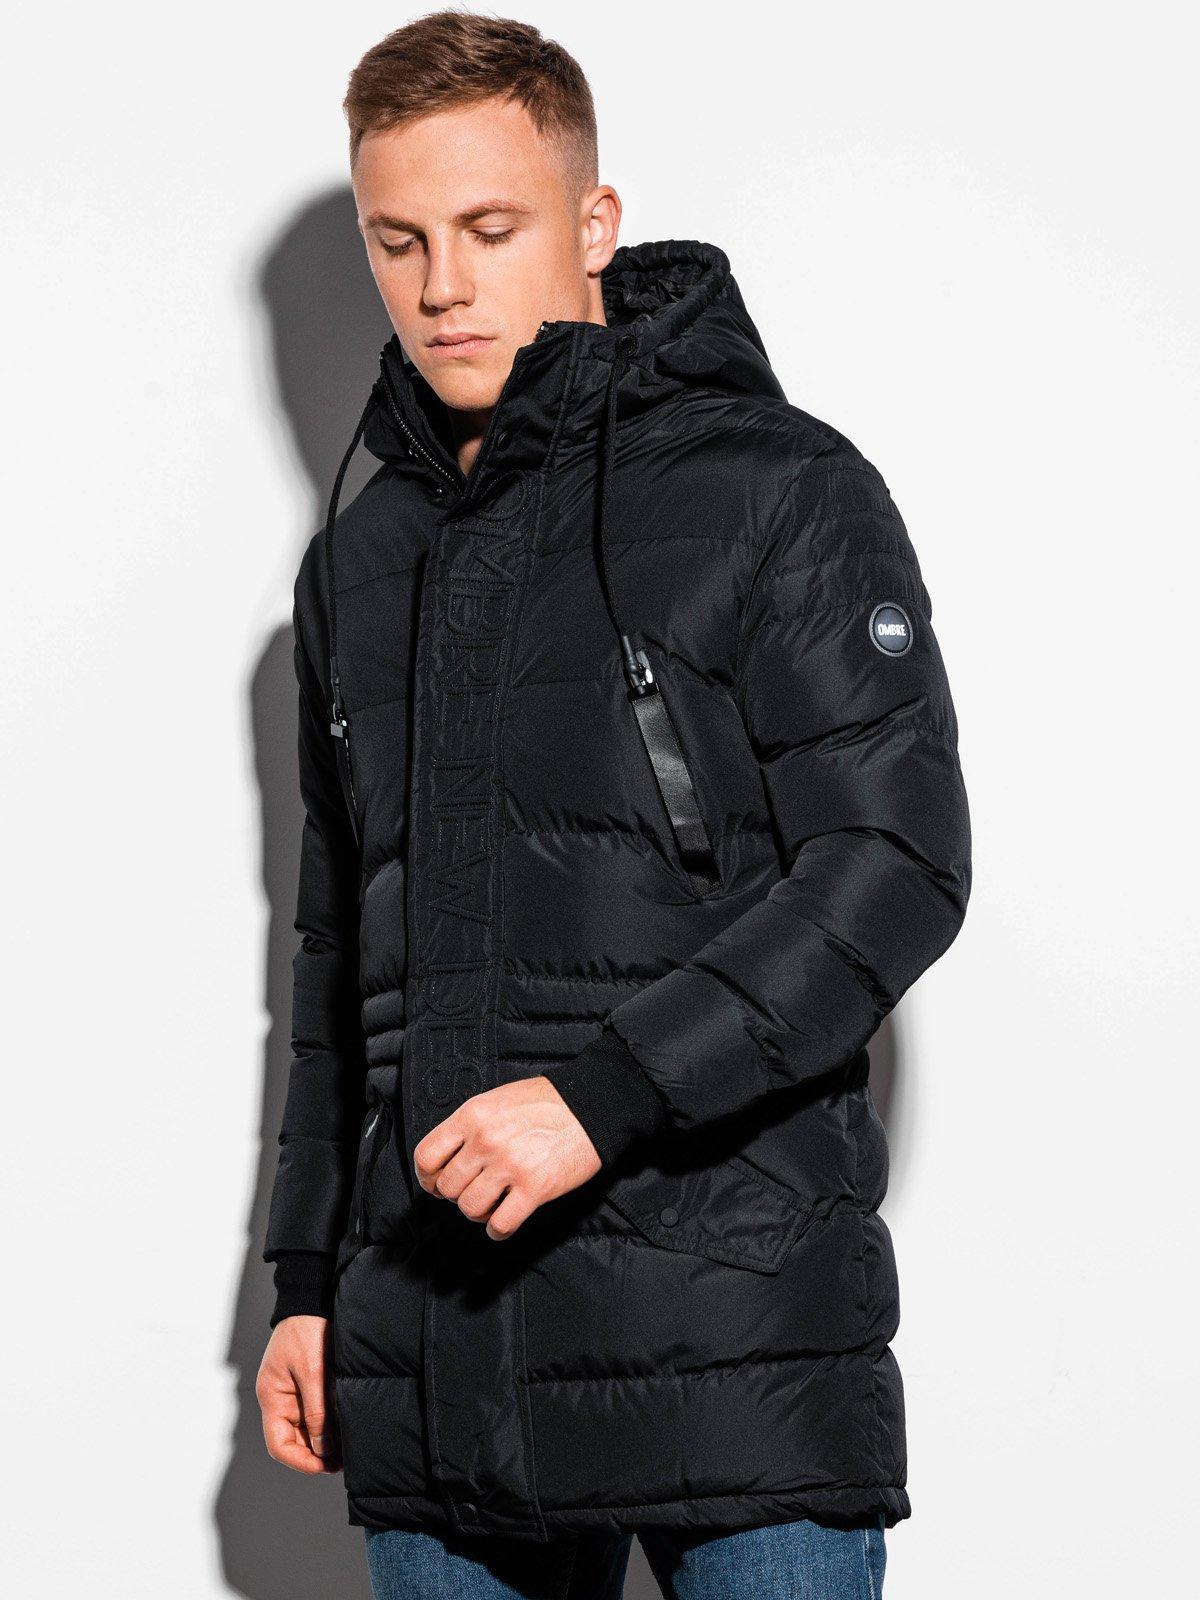 Kurtka męska zimowa C411 czarna | MODONE wholesale